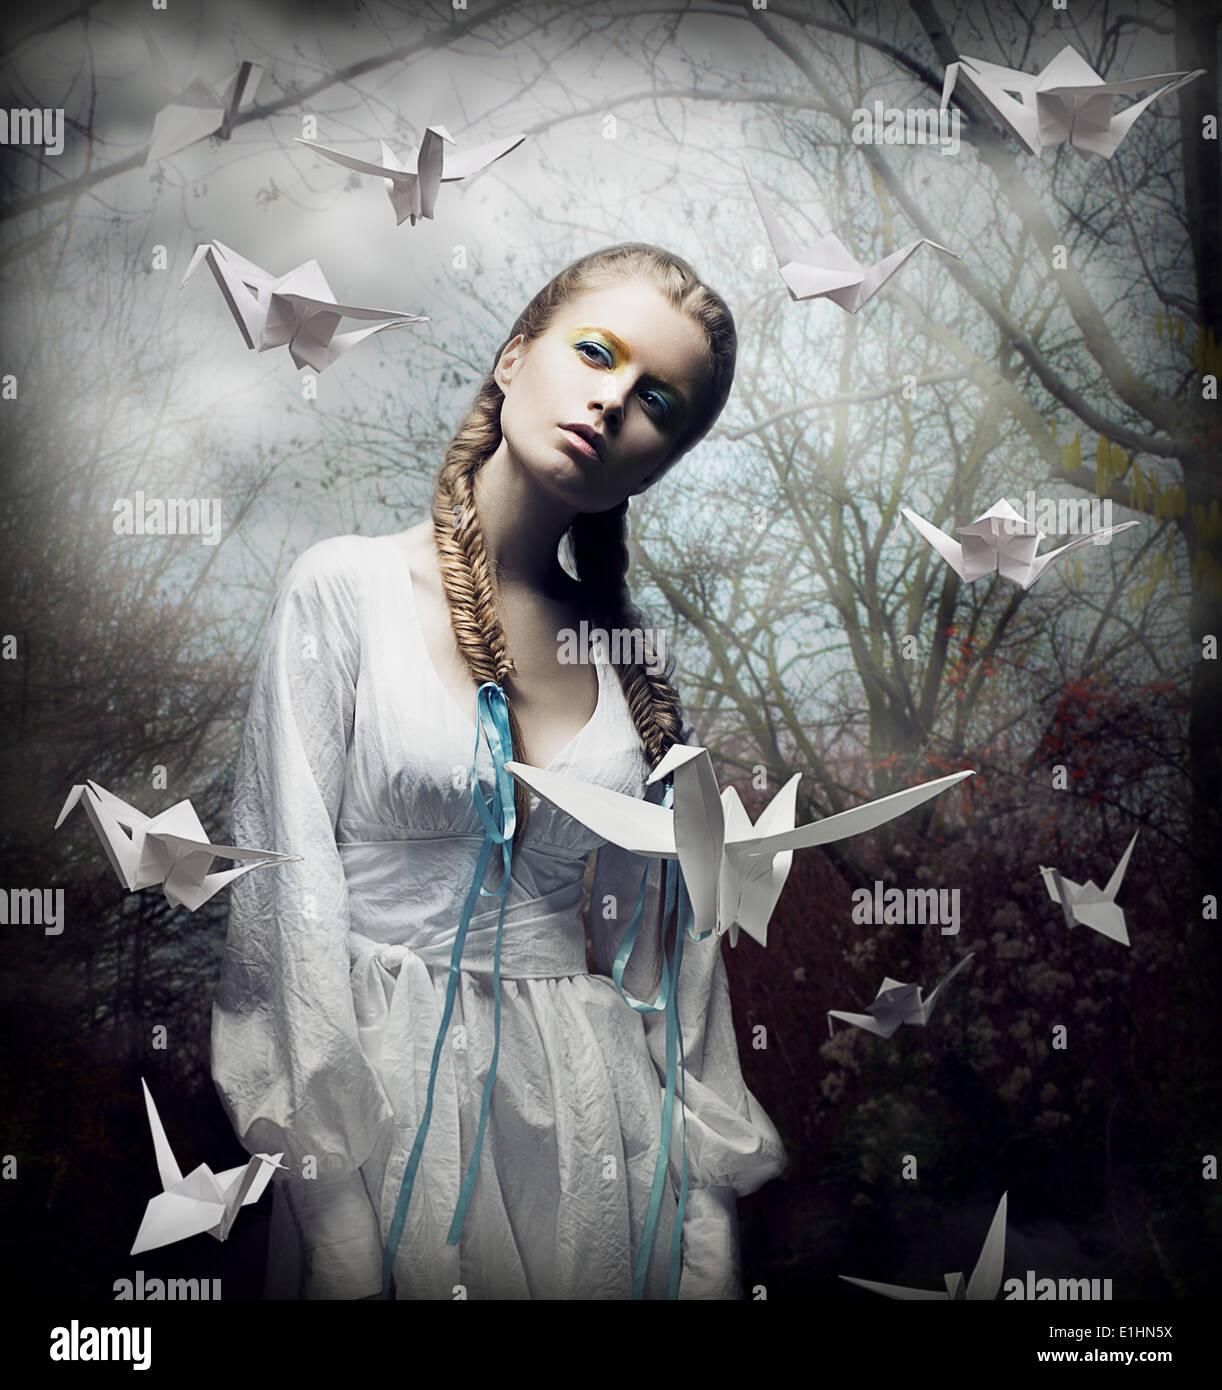 L'imagination. Blonde romantique avec l'Origami planant dans les oiseaux de la forêt Spooky. Magic Photo Stock